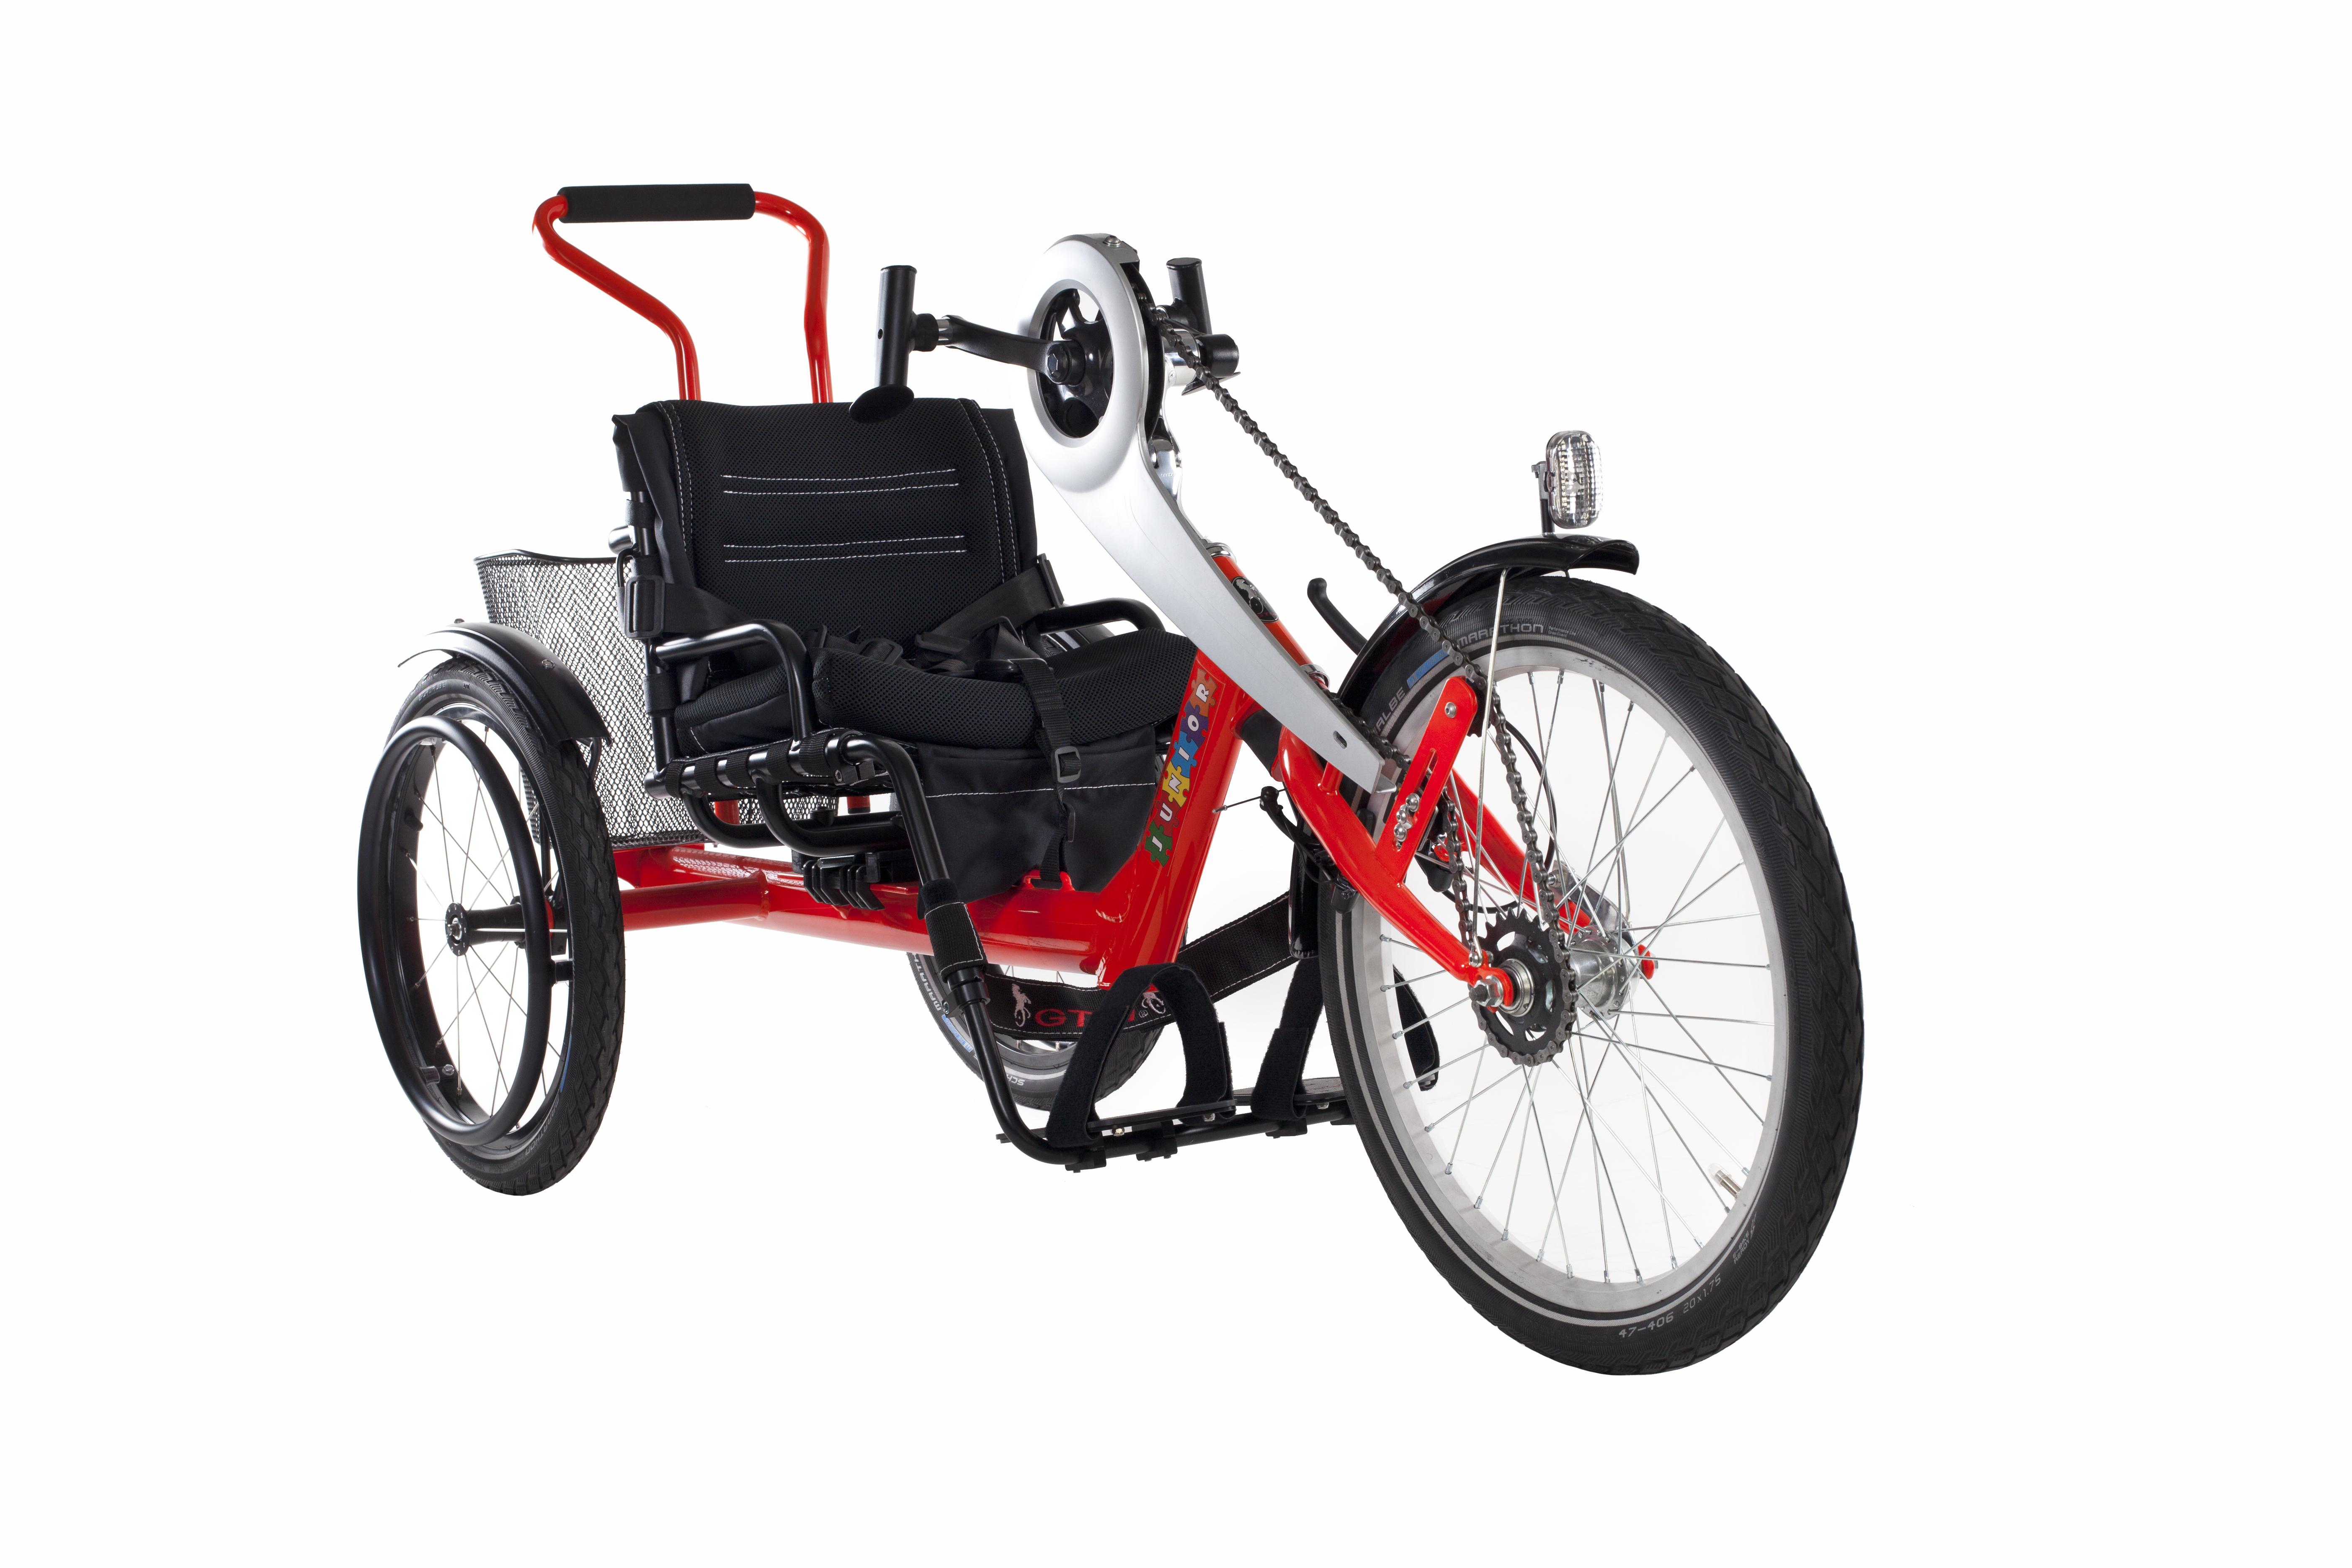 GTM BLACKBIRD JUNIOR jest poziomym rowerem rehabilitacyjnym o napędzie ręcznym. Służy do aktywnej rehabilitacji dzieci niepełnosprawnych z urazem rdzenia kręgowego lub z różnymi uszkodzeniami kończyn dolnych.